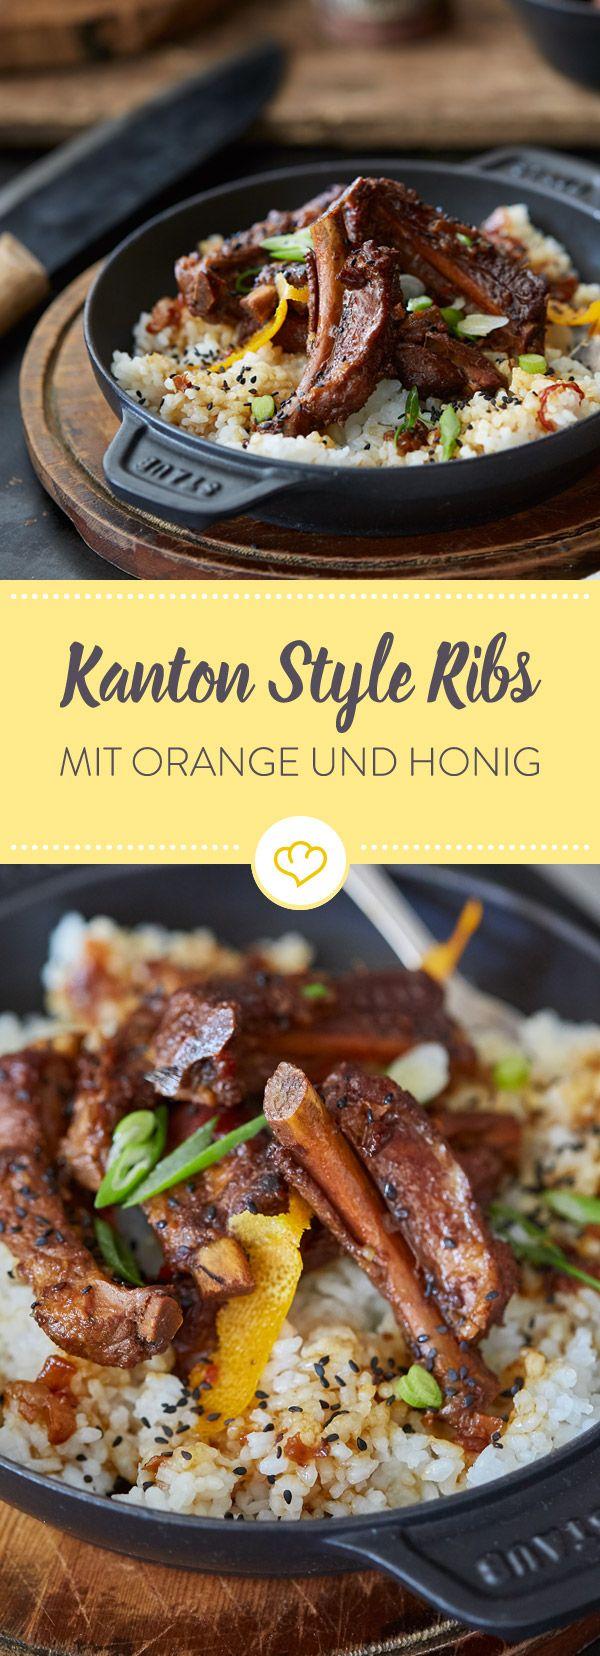 Hast du Lust auf richtig aromatische Rippchen? Wie wärs mal mit einem klassischen kanonesischen Rezept? Ribs in einem asiatischen Sud, der süchtig macht.